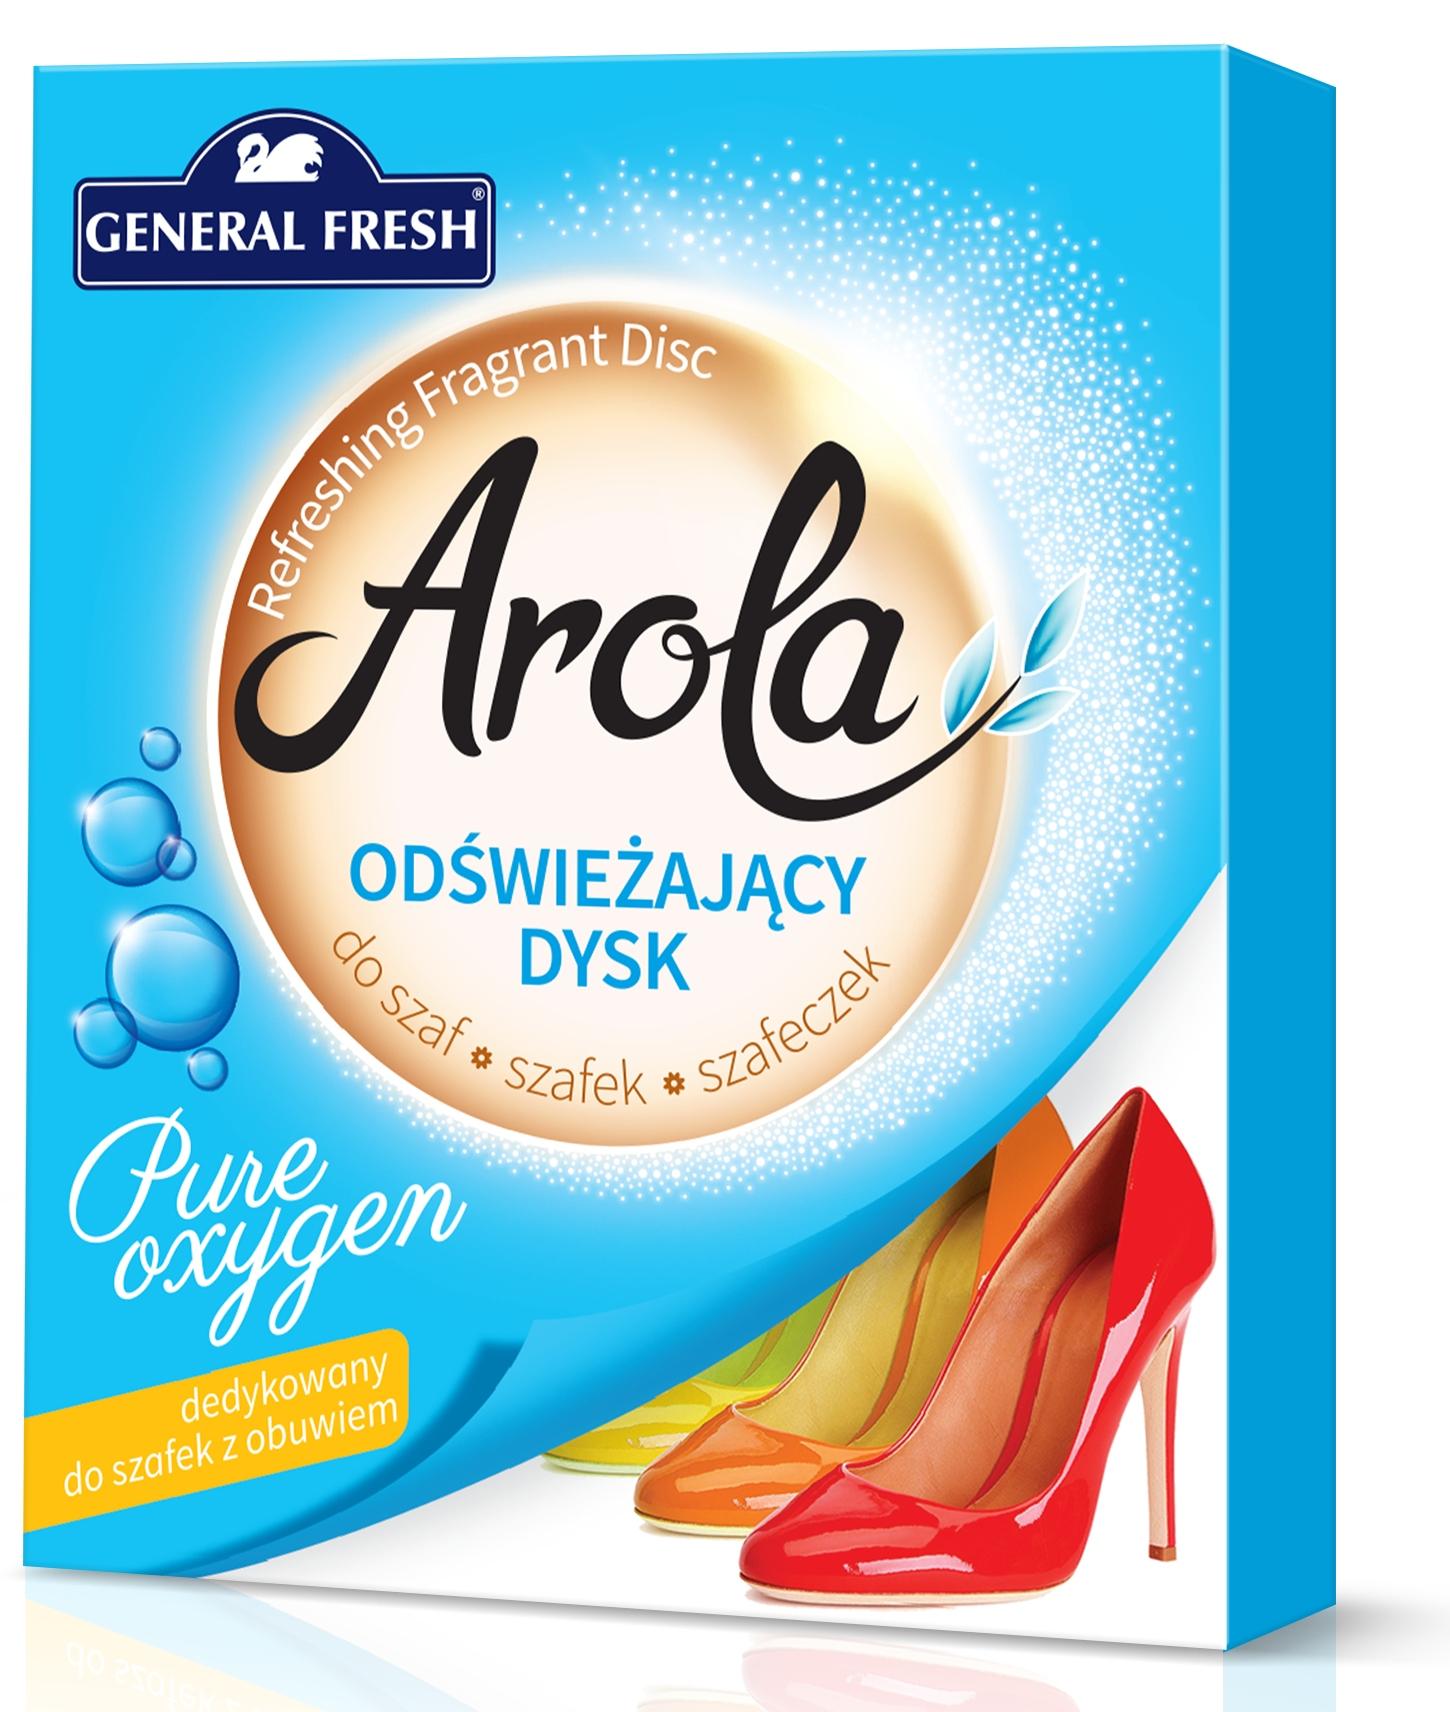 Освежающий диск Arola для гардероба Pure Oxygen